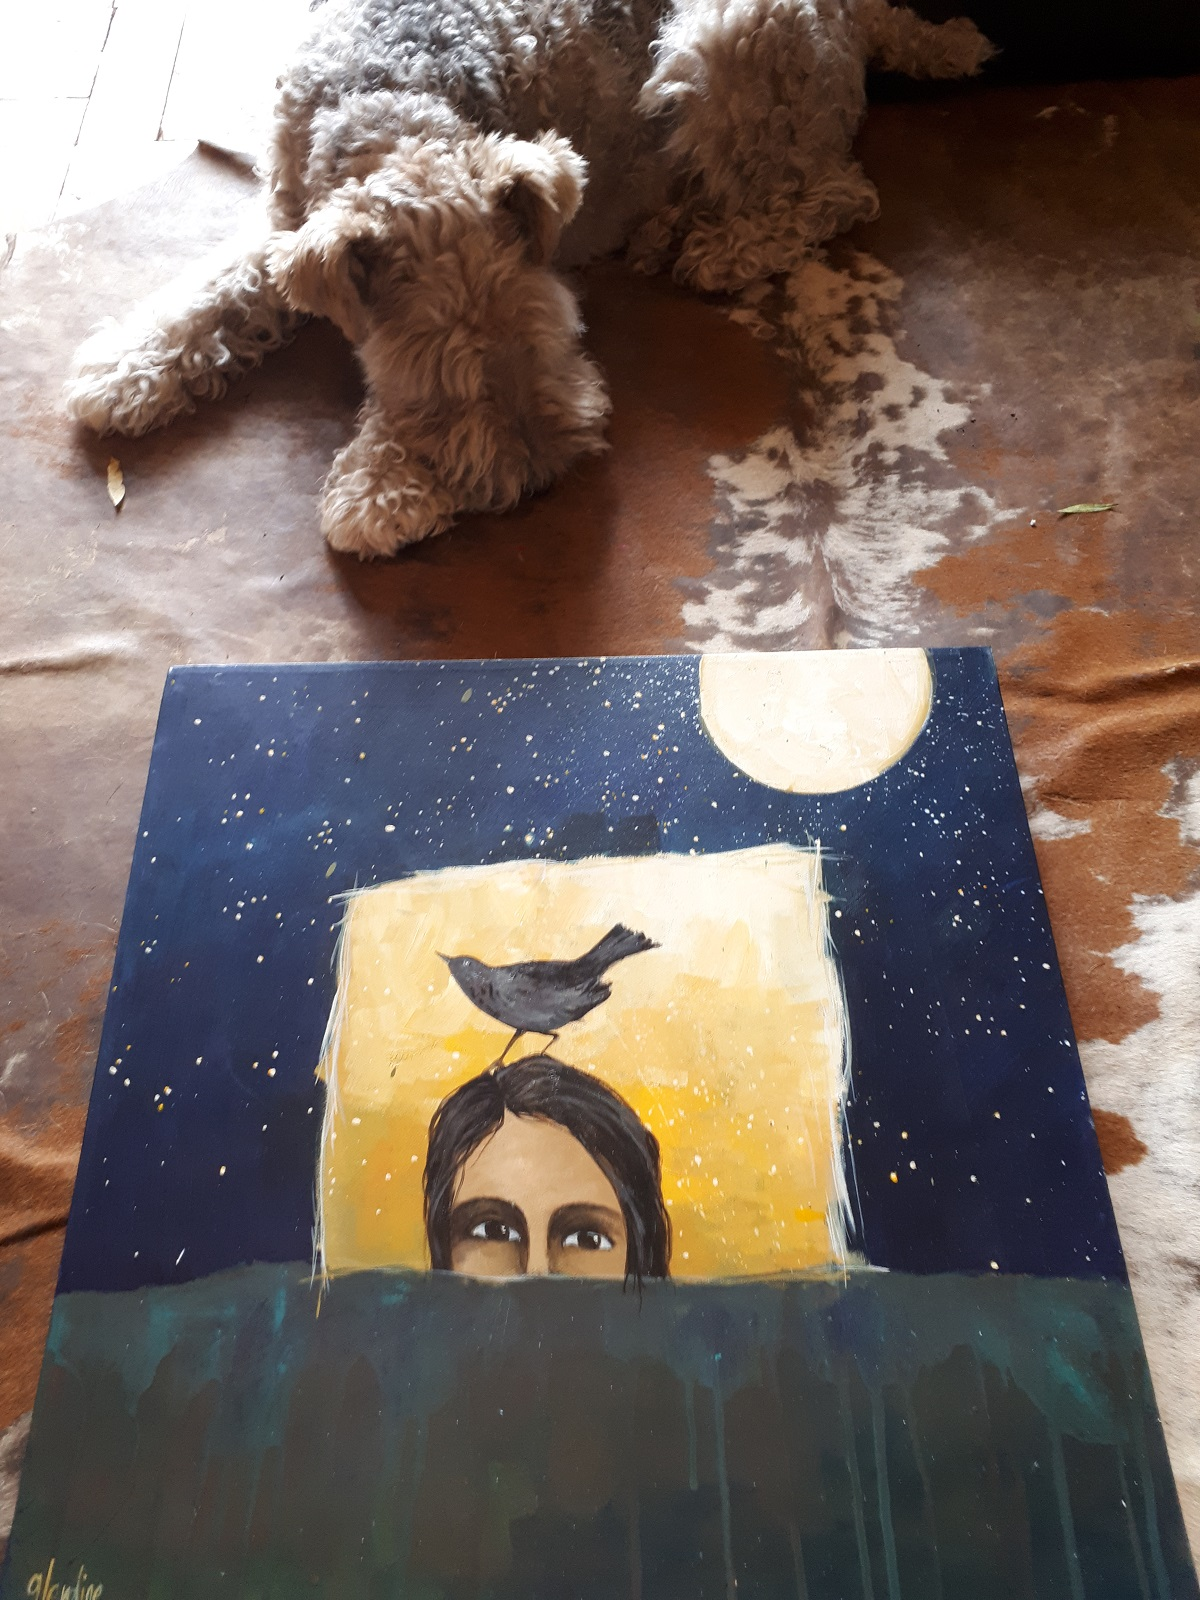 Glendine art